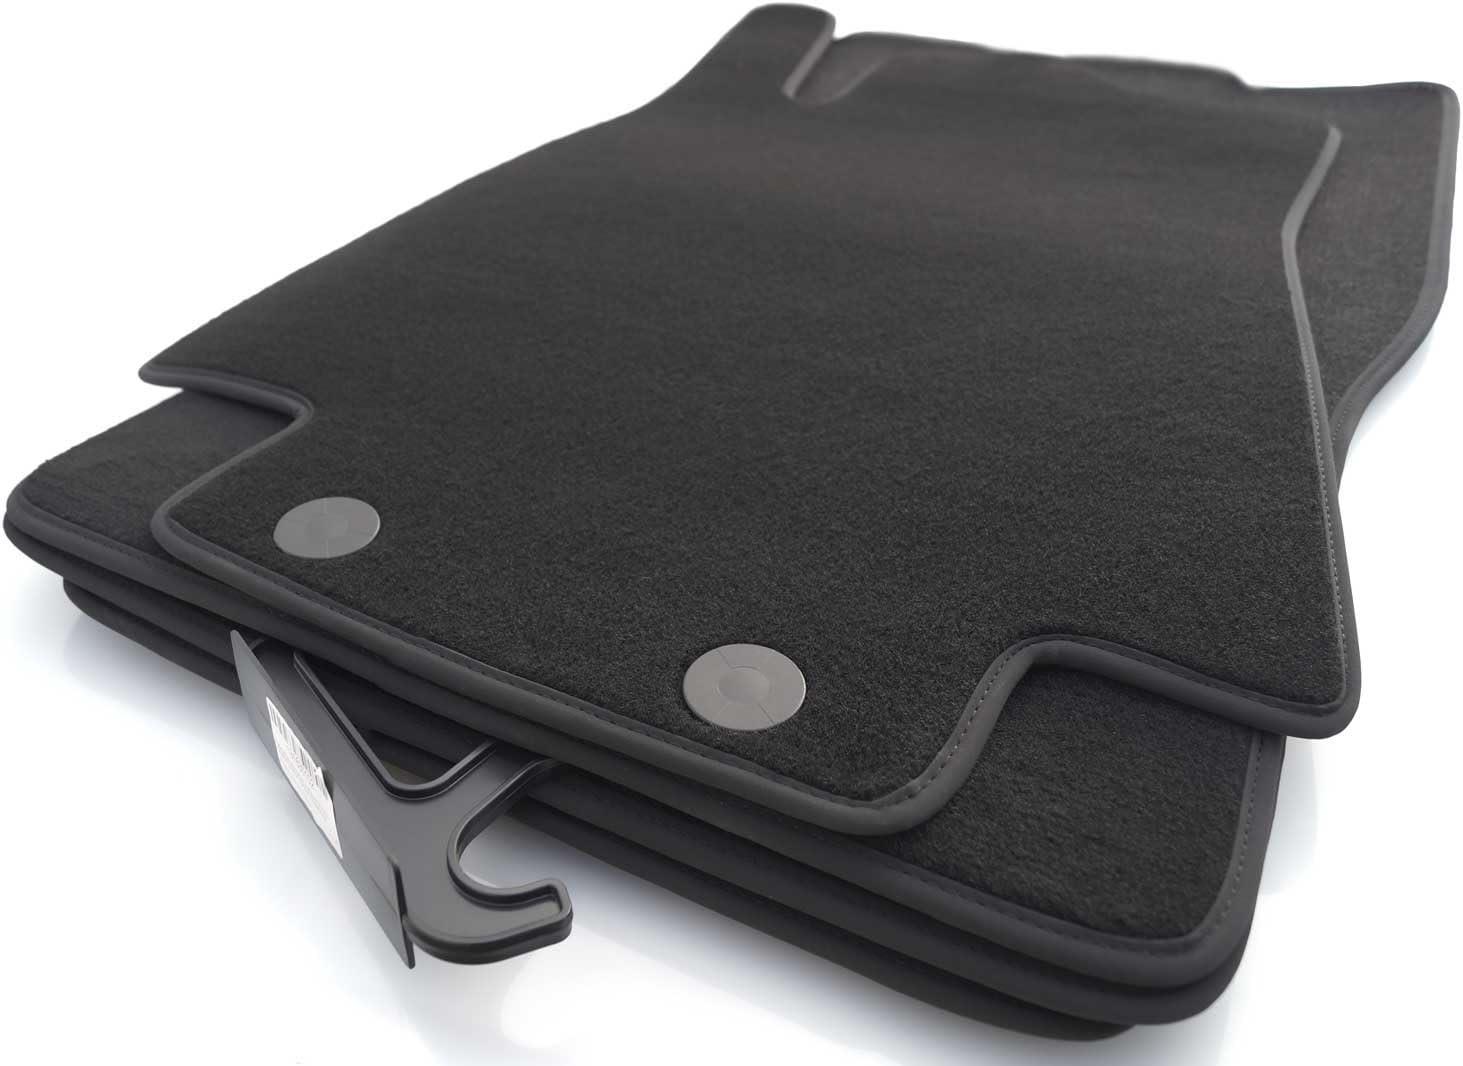 Kh Teile Fußmatten W246 Velour Automatten Original Qualität 4 Teilig Schwarz Auto